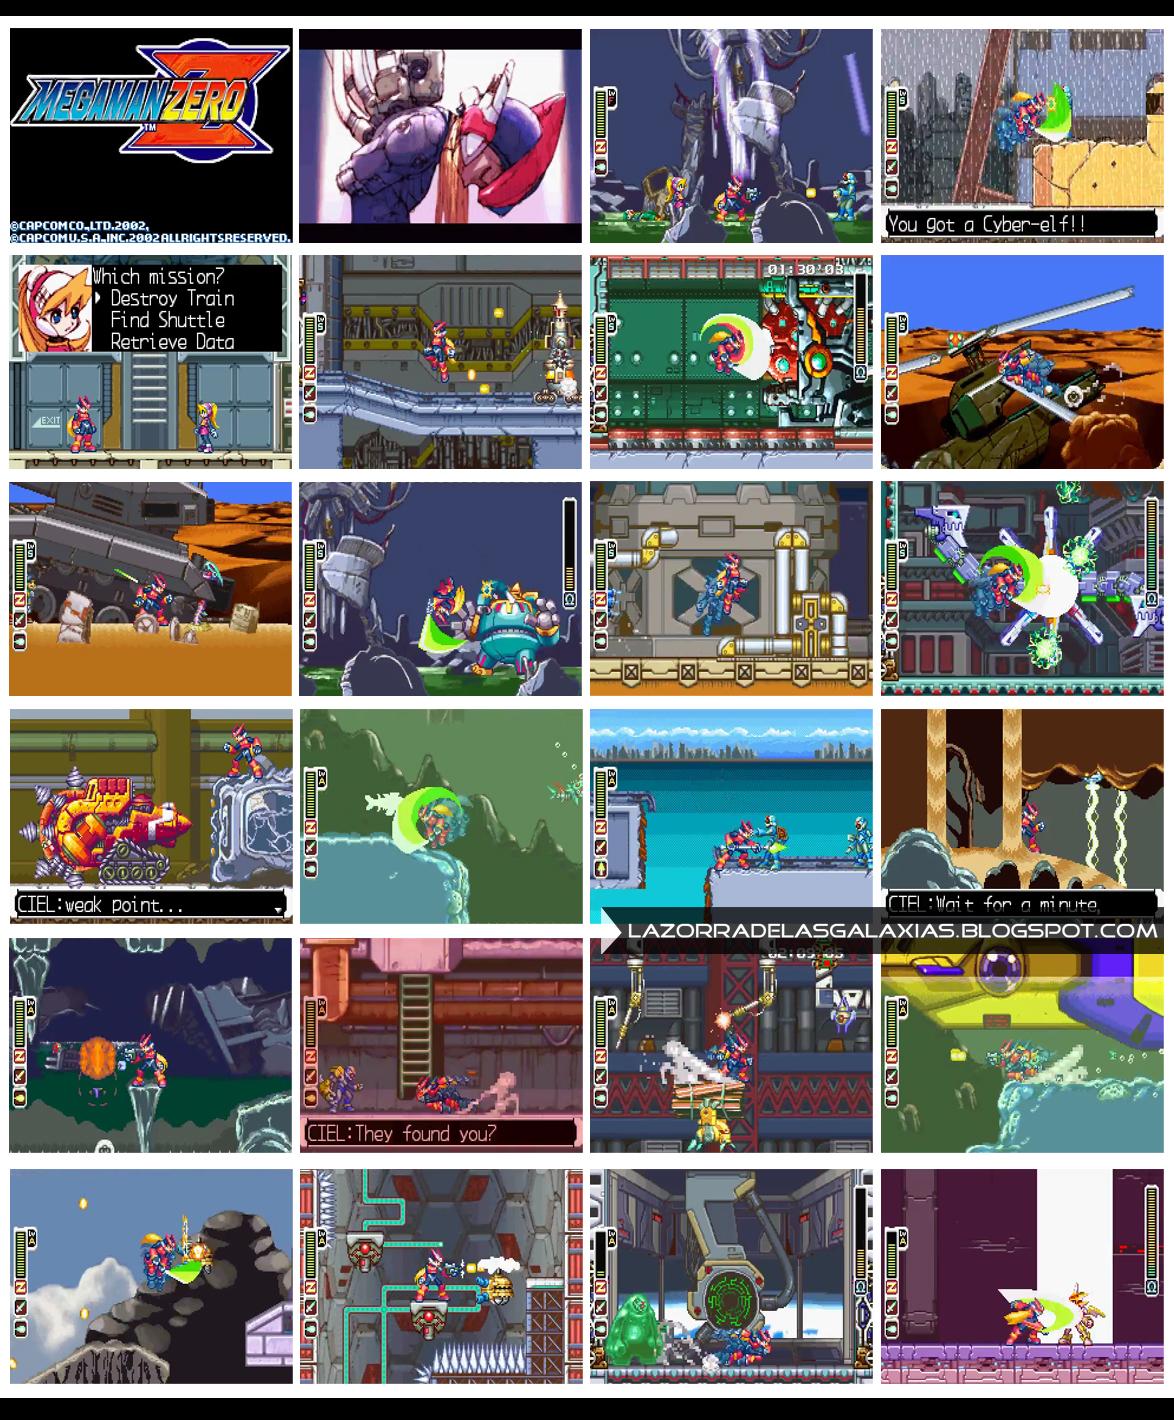 Datos sobre videojuegos